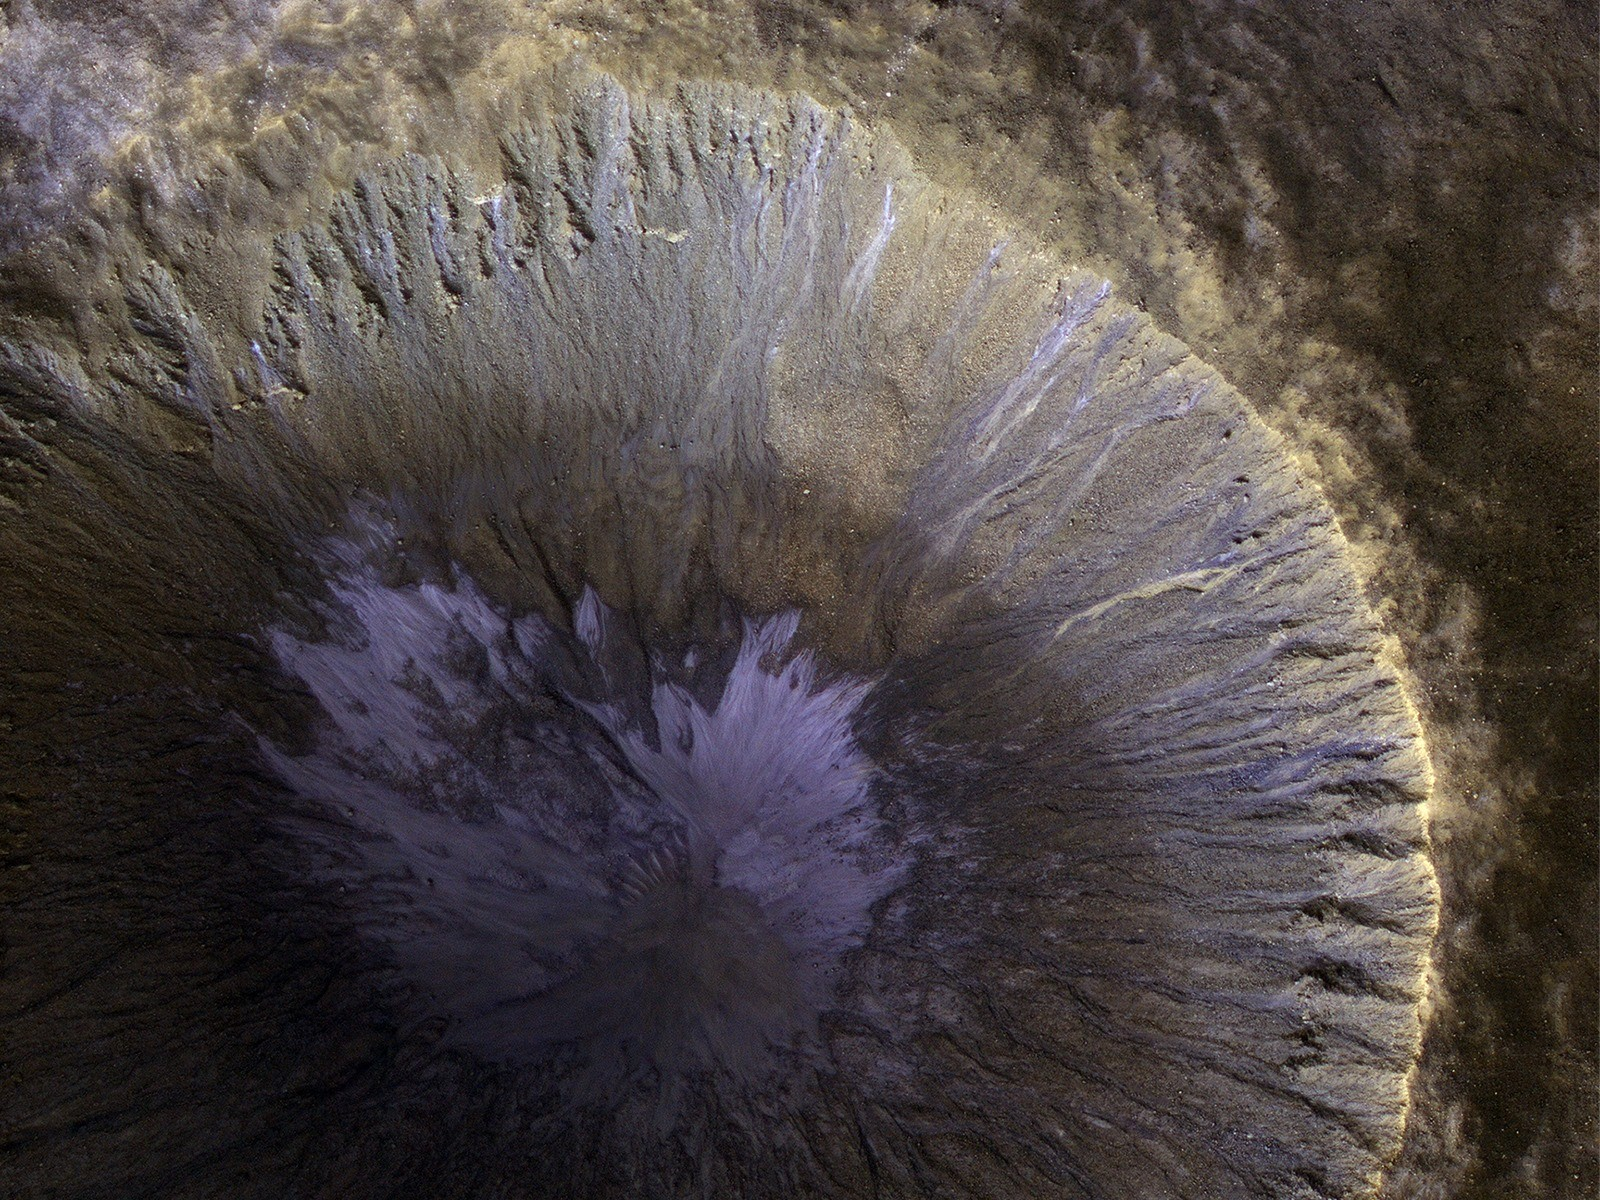 Images : les sillons de ravines dans un cratère martien et Bart Simpson glacé dans un glissement de terrain sur Cérès